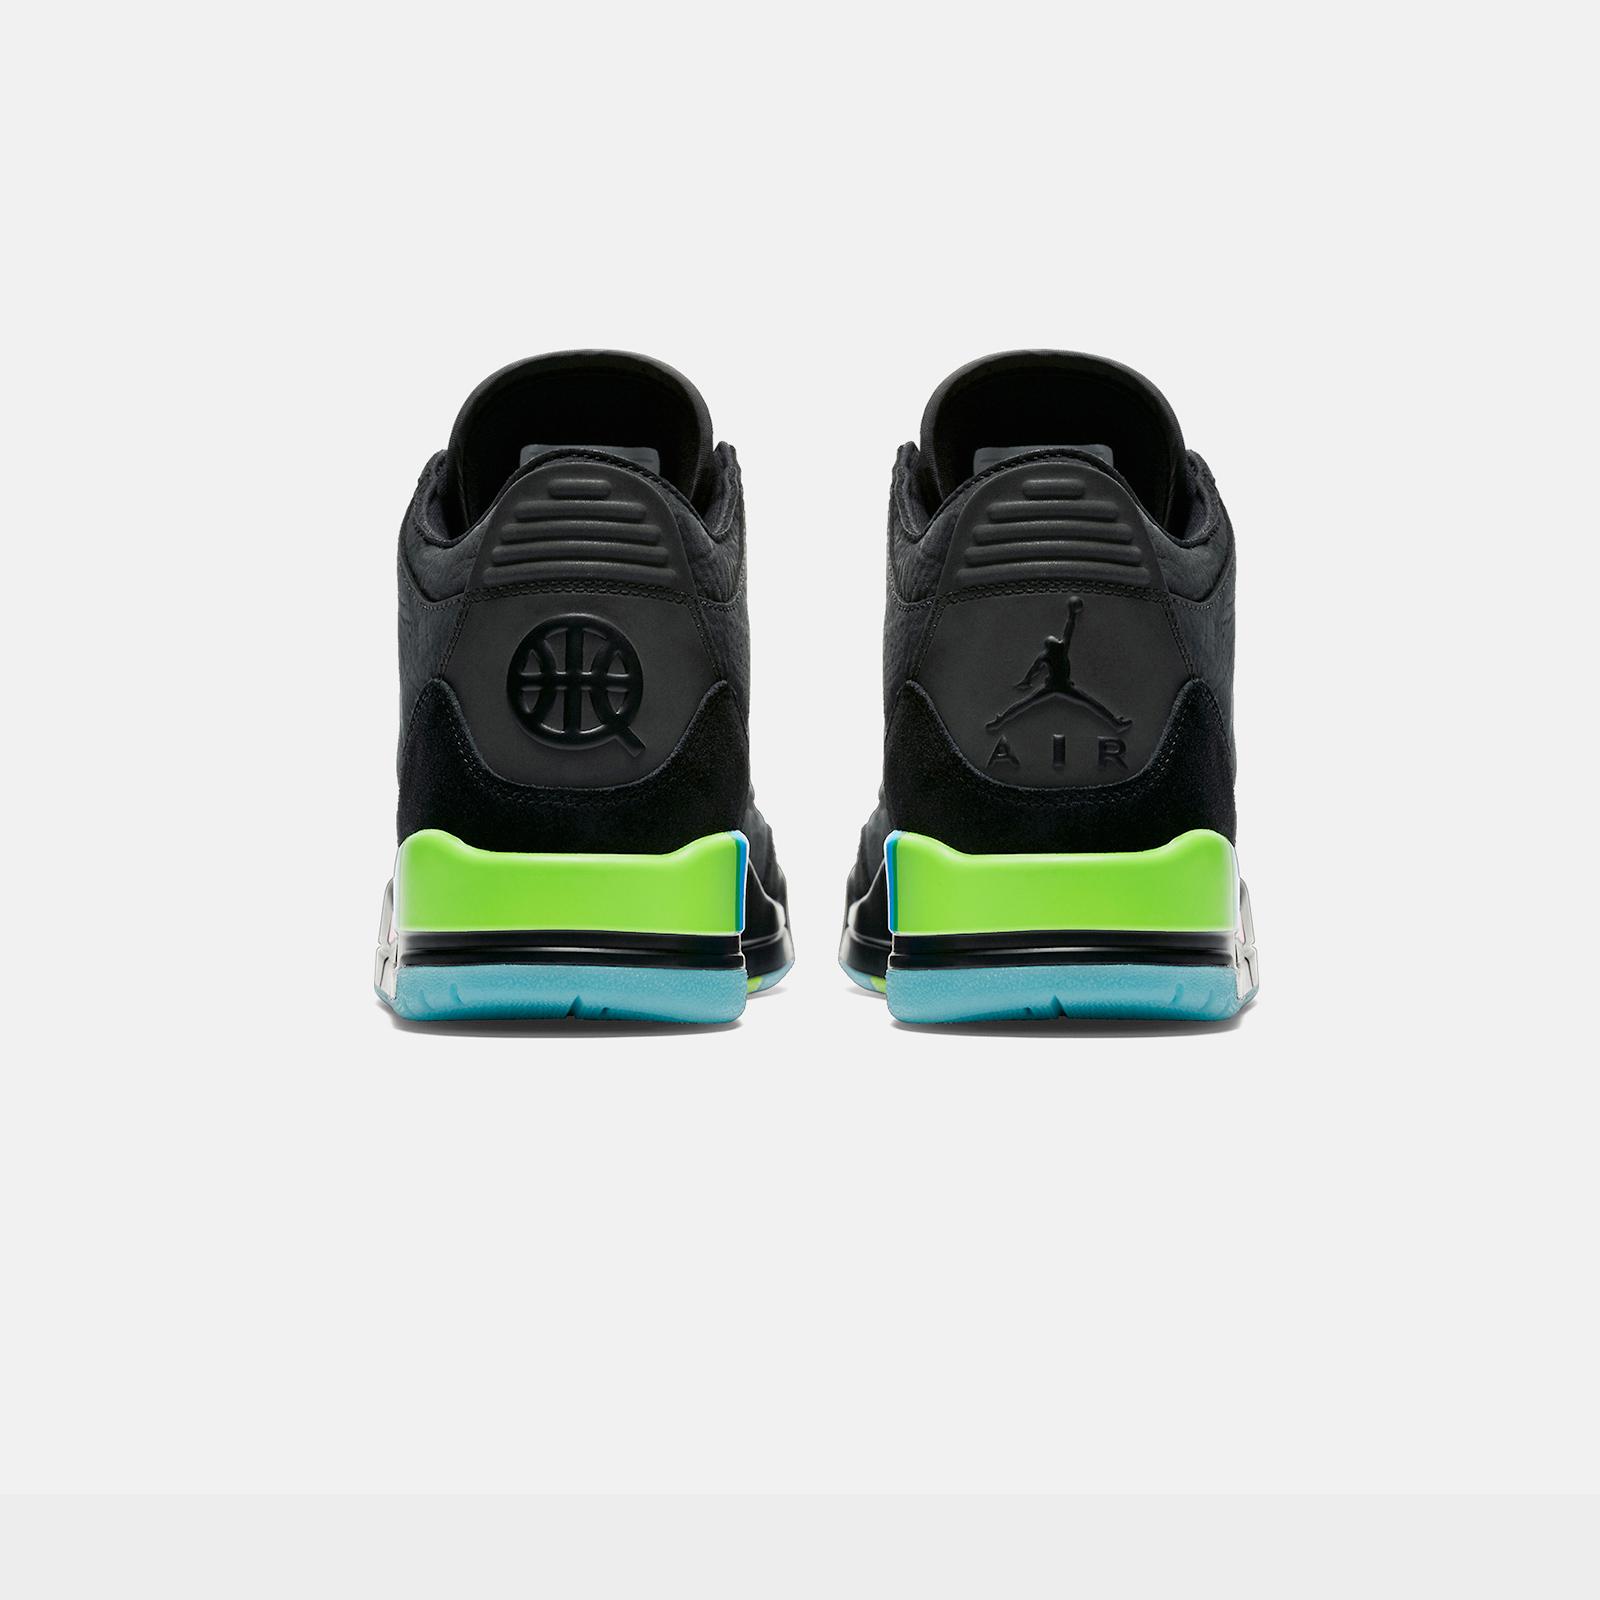 Jordan Brand Air Jordan 3 Retro Se Q54 - At9195-001 - Sneakersnstuff ... 659d550691